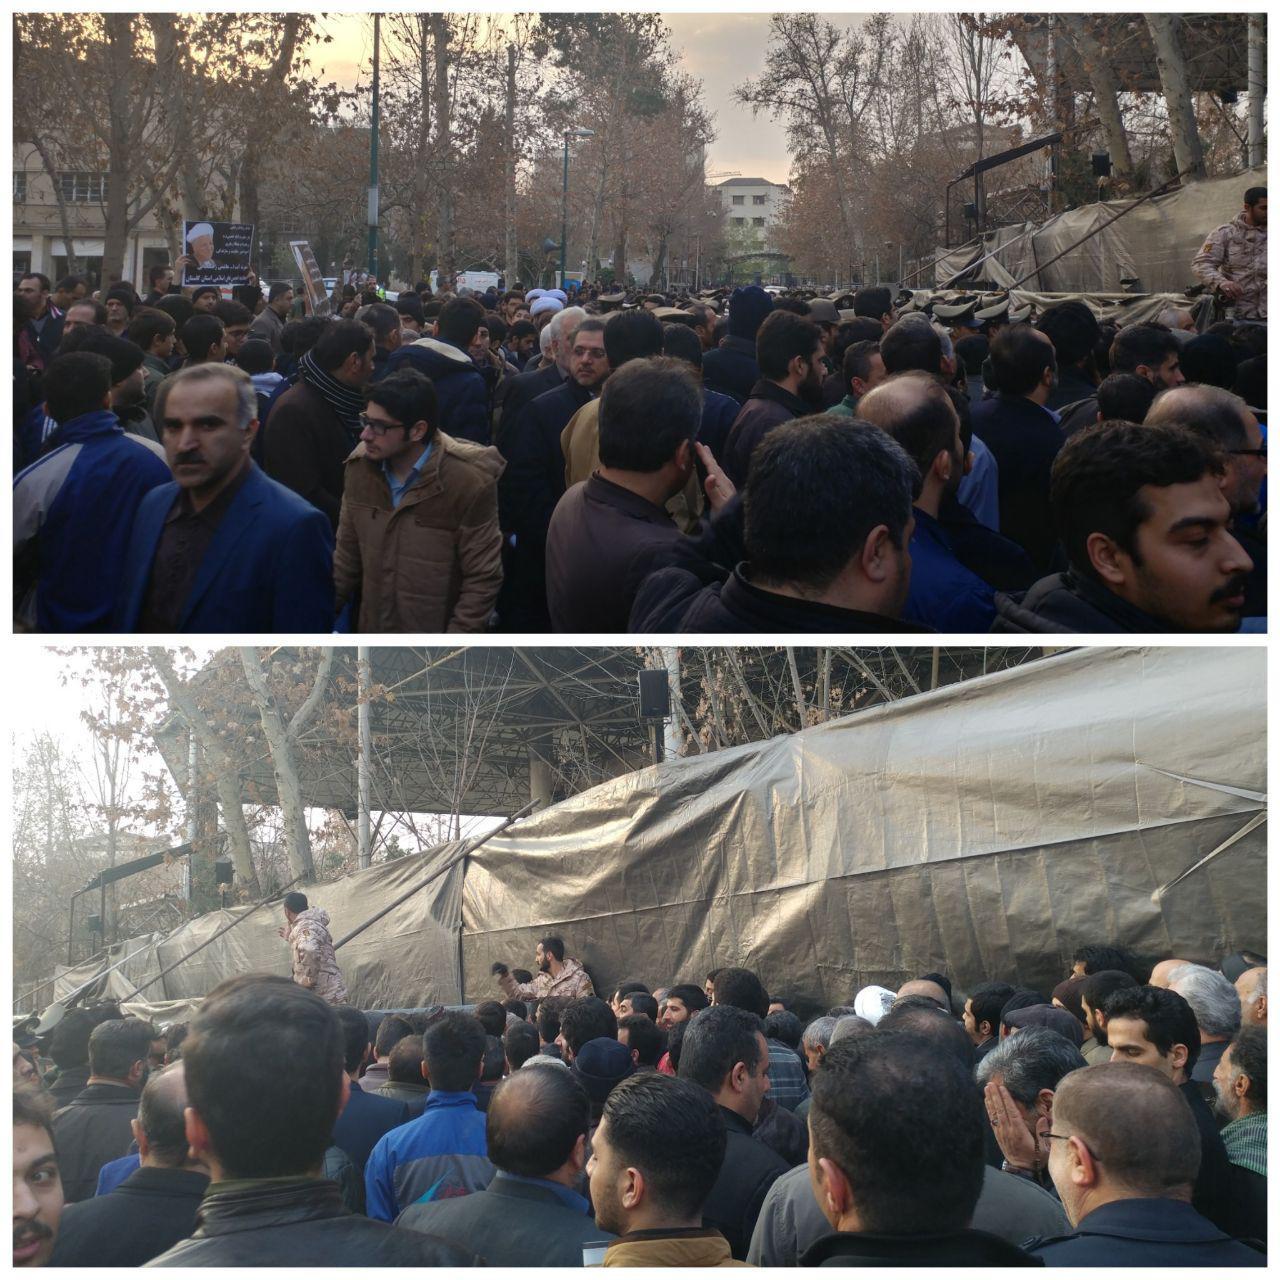 حضور دوستداران آیت الله هاشمی در مقابل دانشگاه تهران